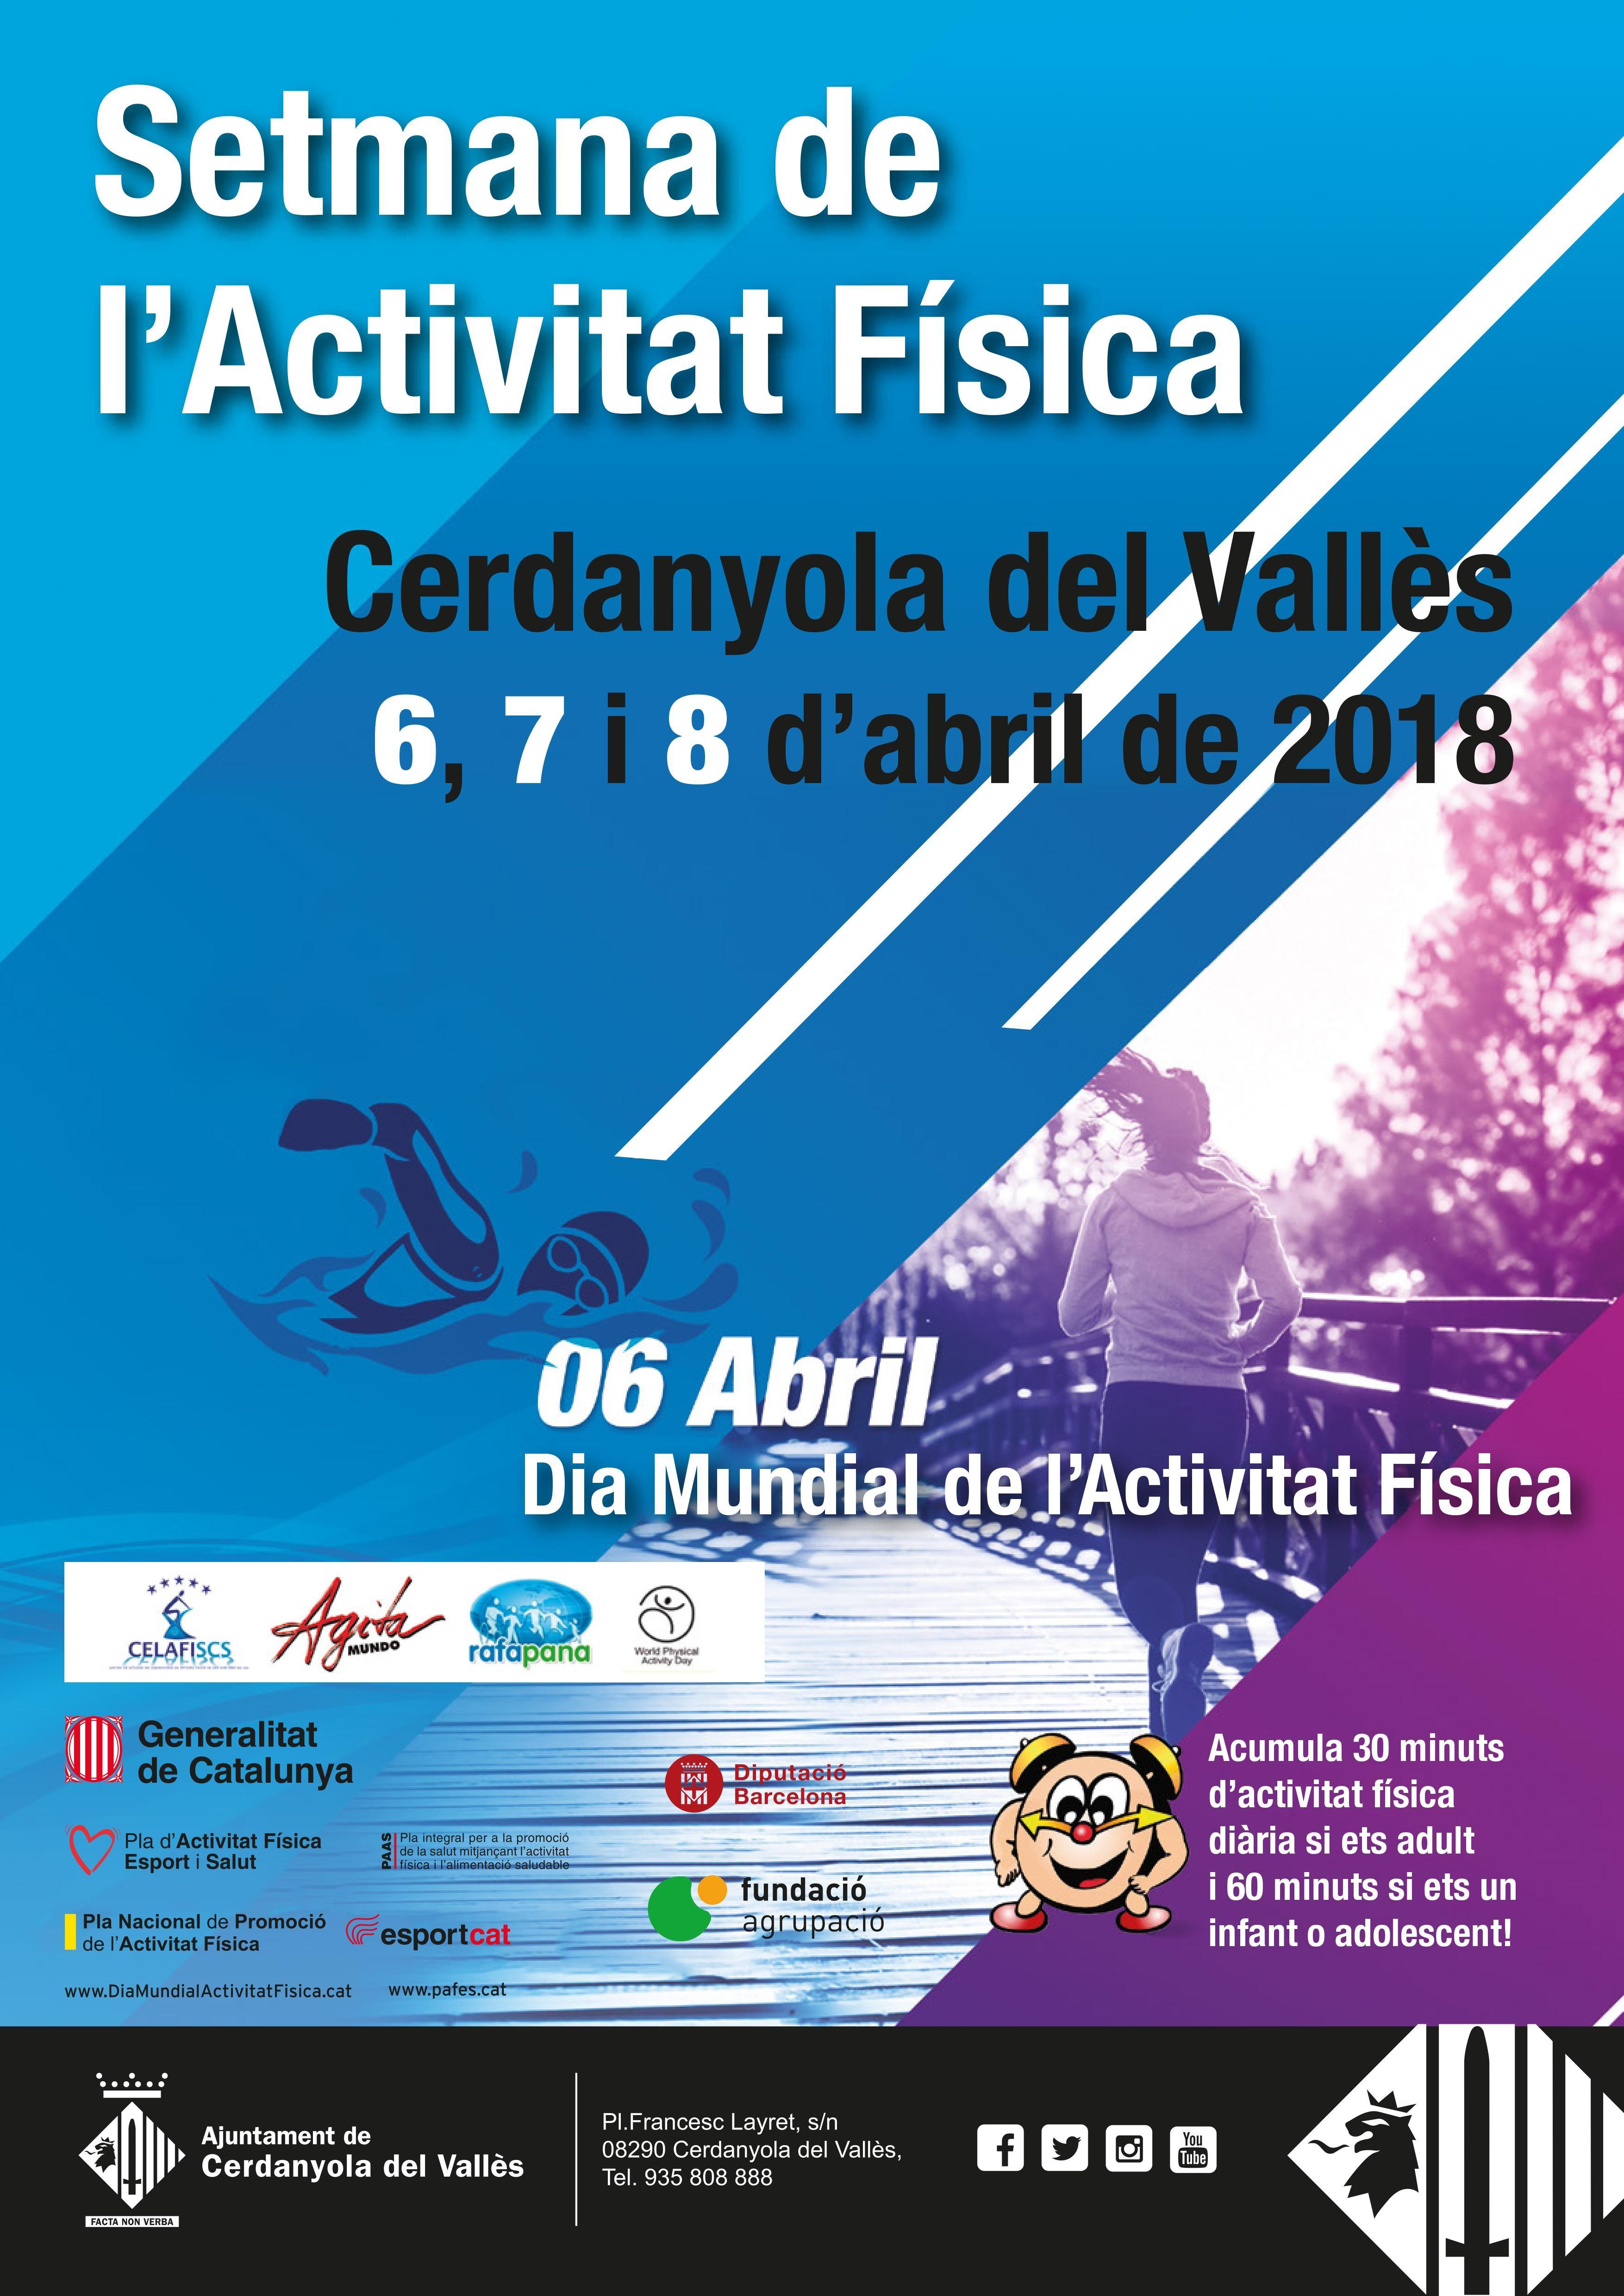 Setmana de l'Activitat Física